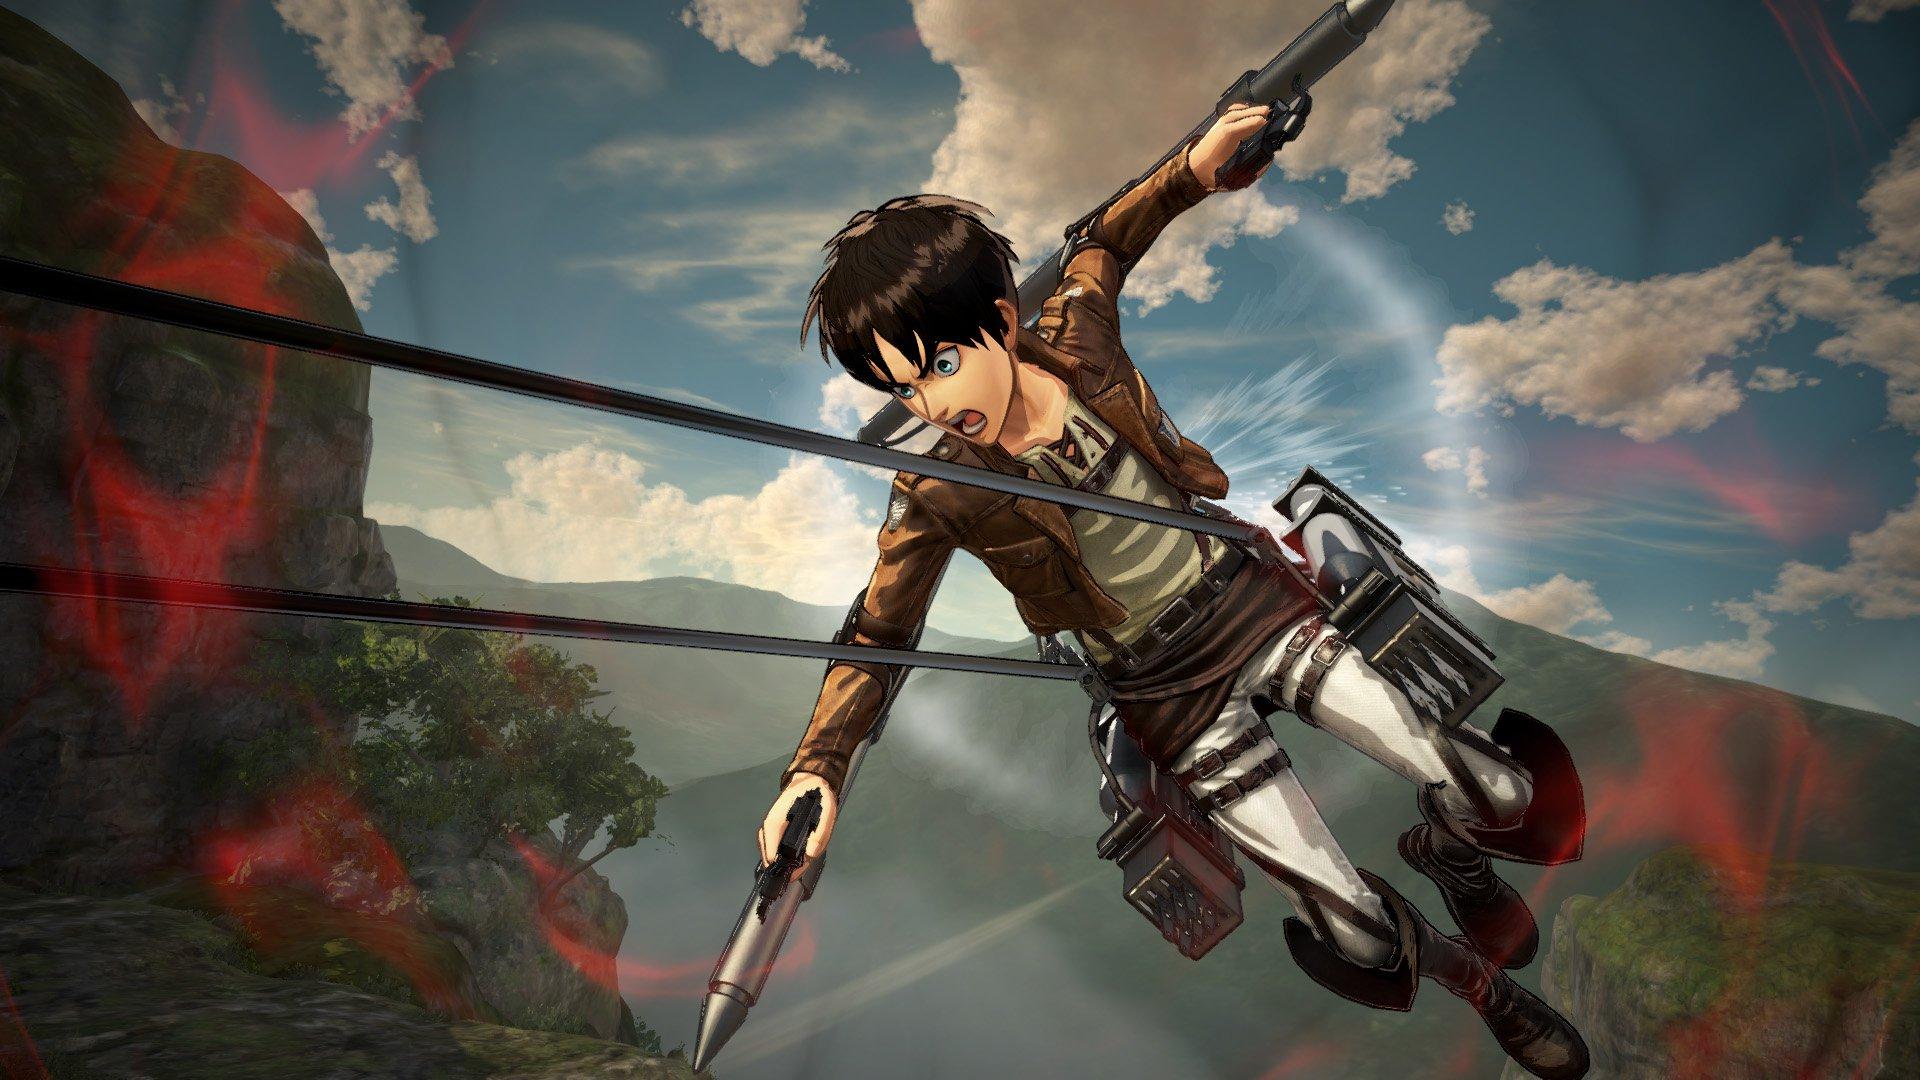 Análisis de Attack on Titan 2 Final Battle para PC - 3DJuegos